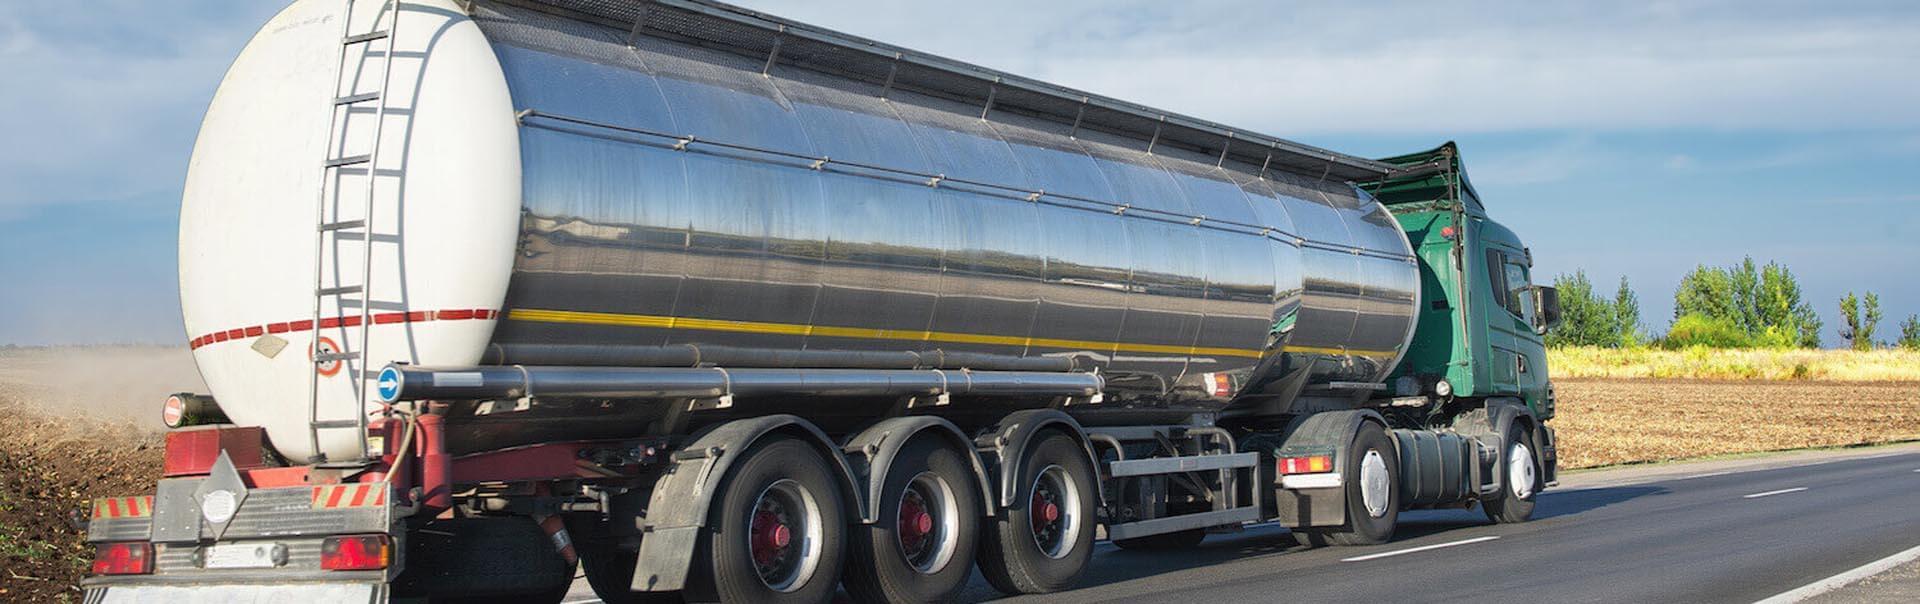 fluessigkeitstransporte-muenchen-header-3_84001985